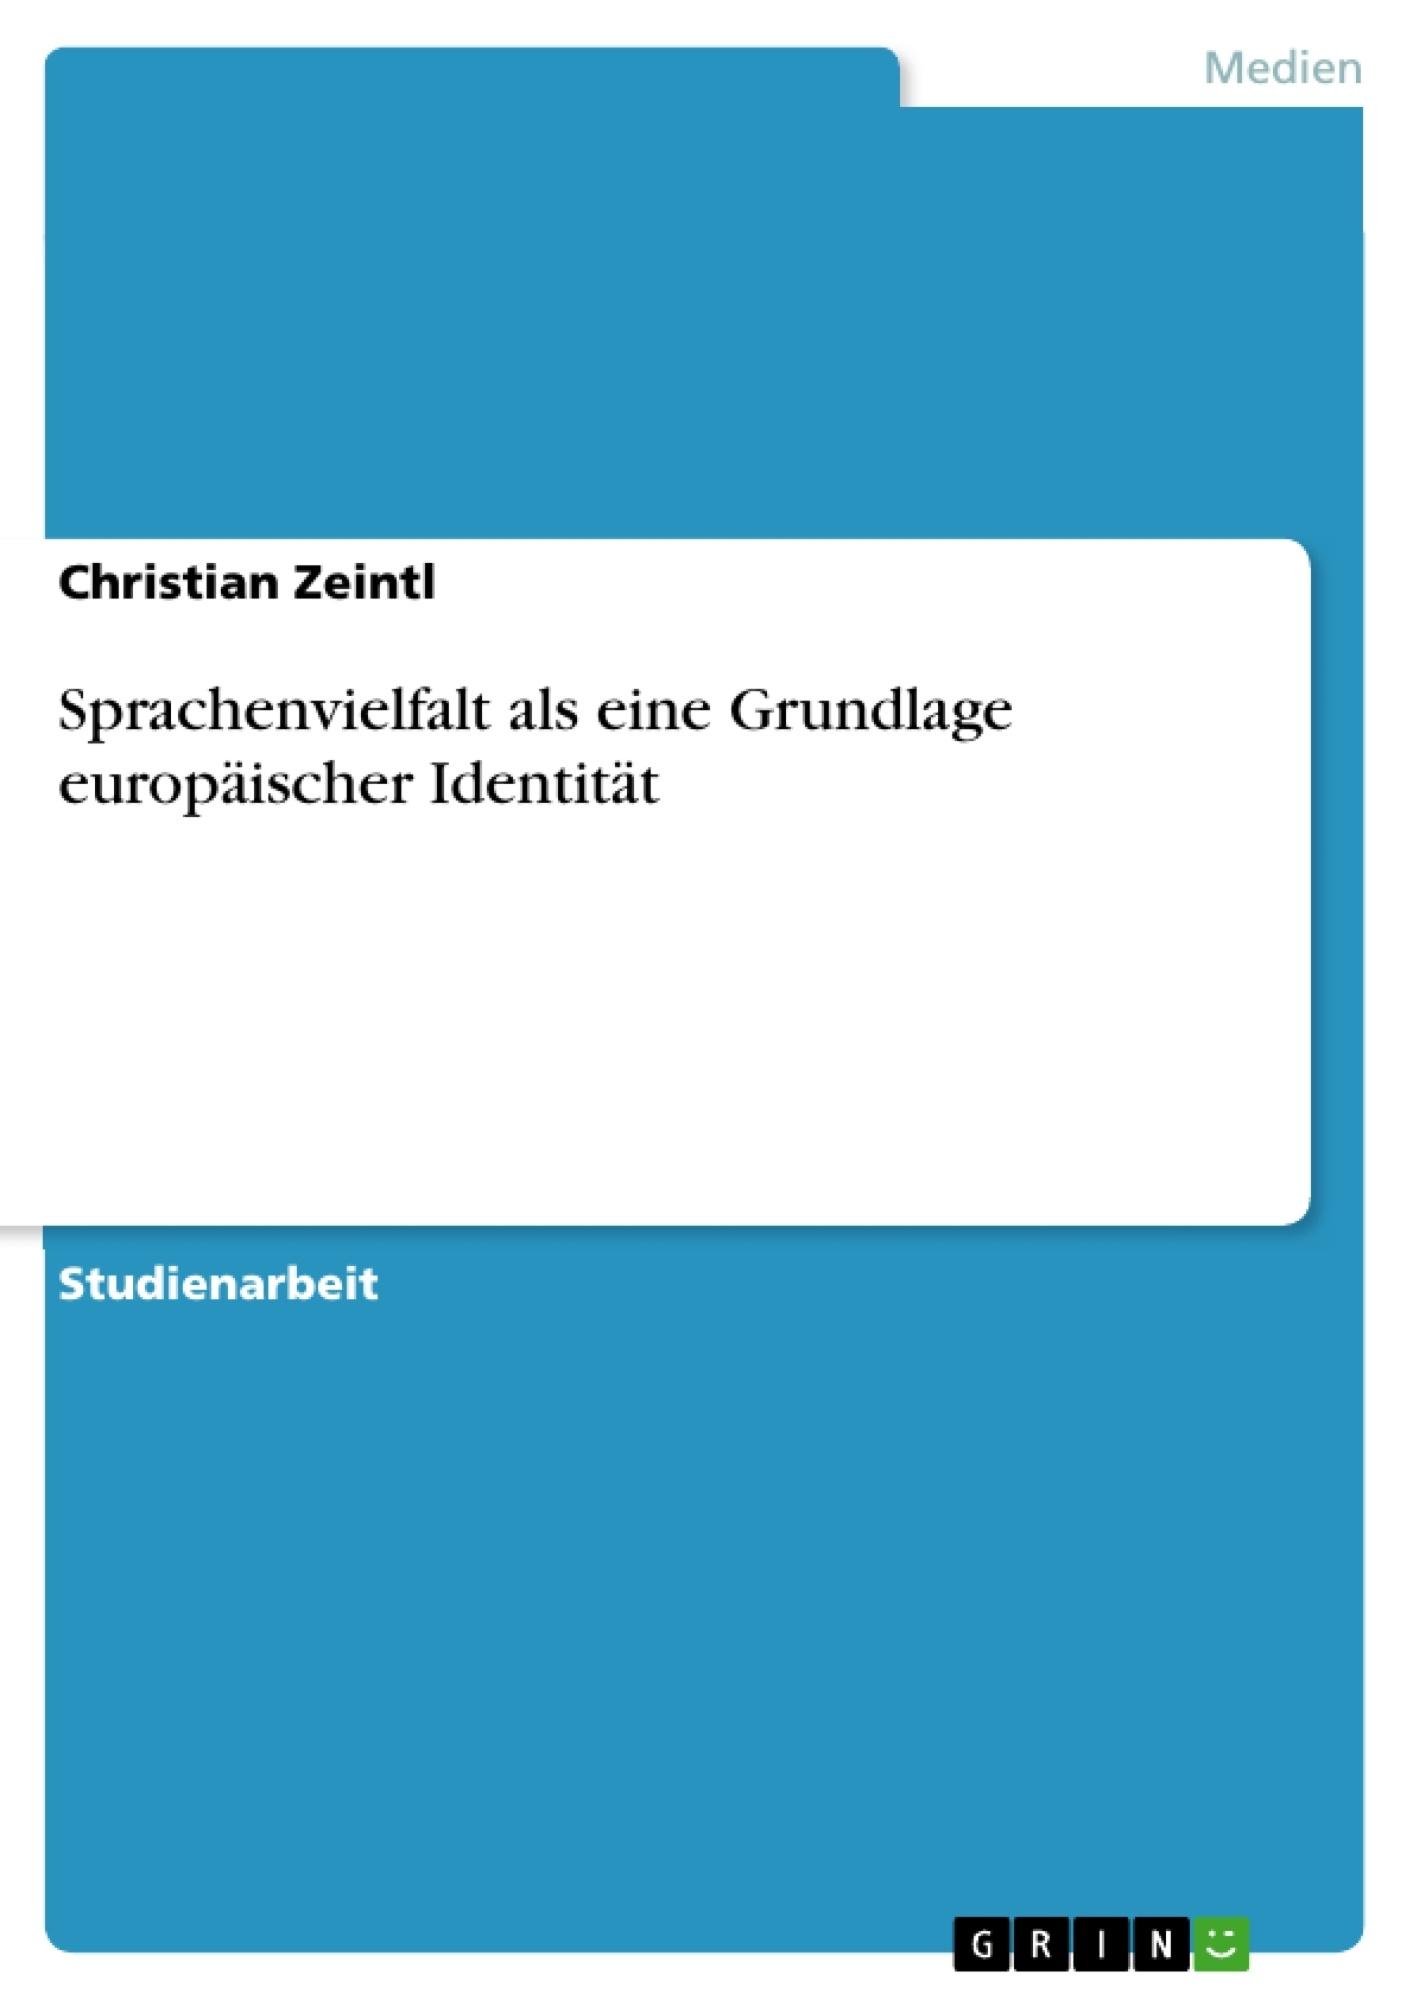 Titel: Sprachenvielfalt als eine Grundlage europäischer Identität